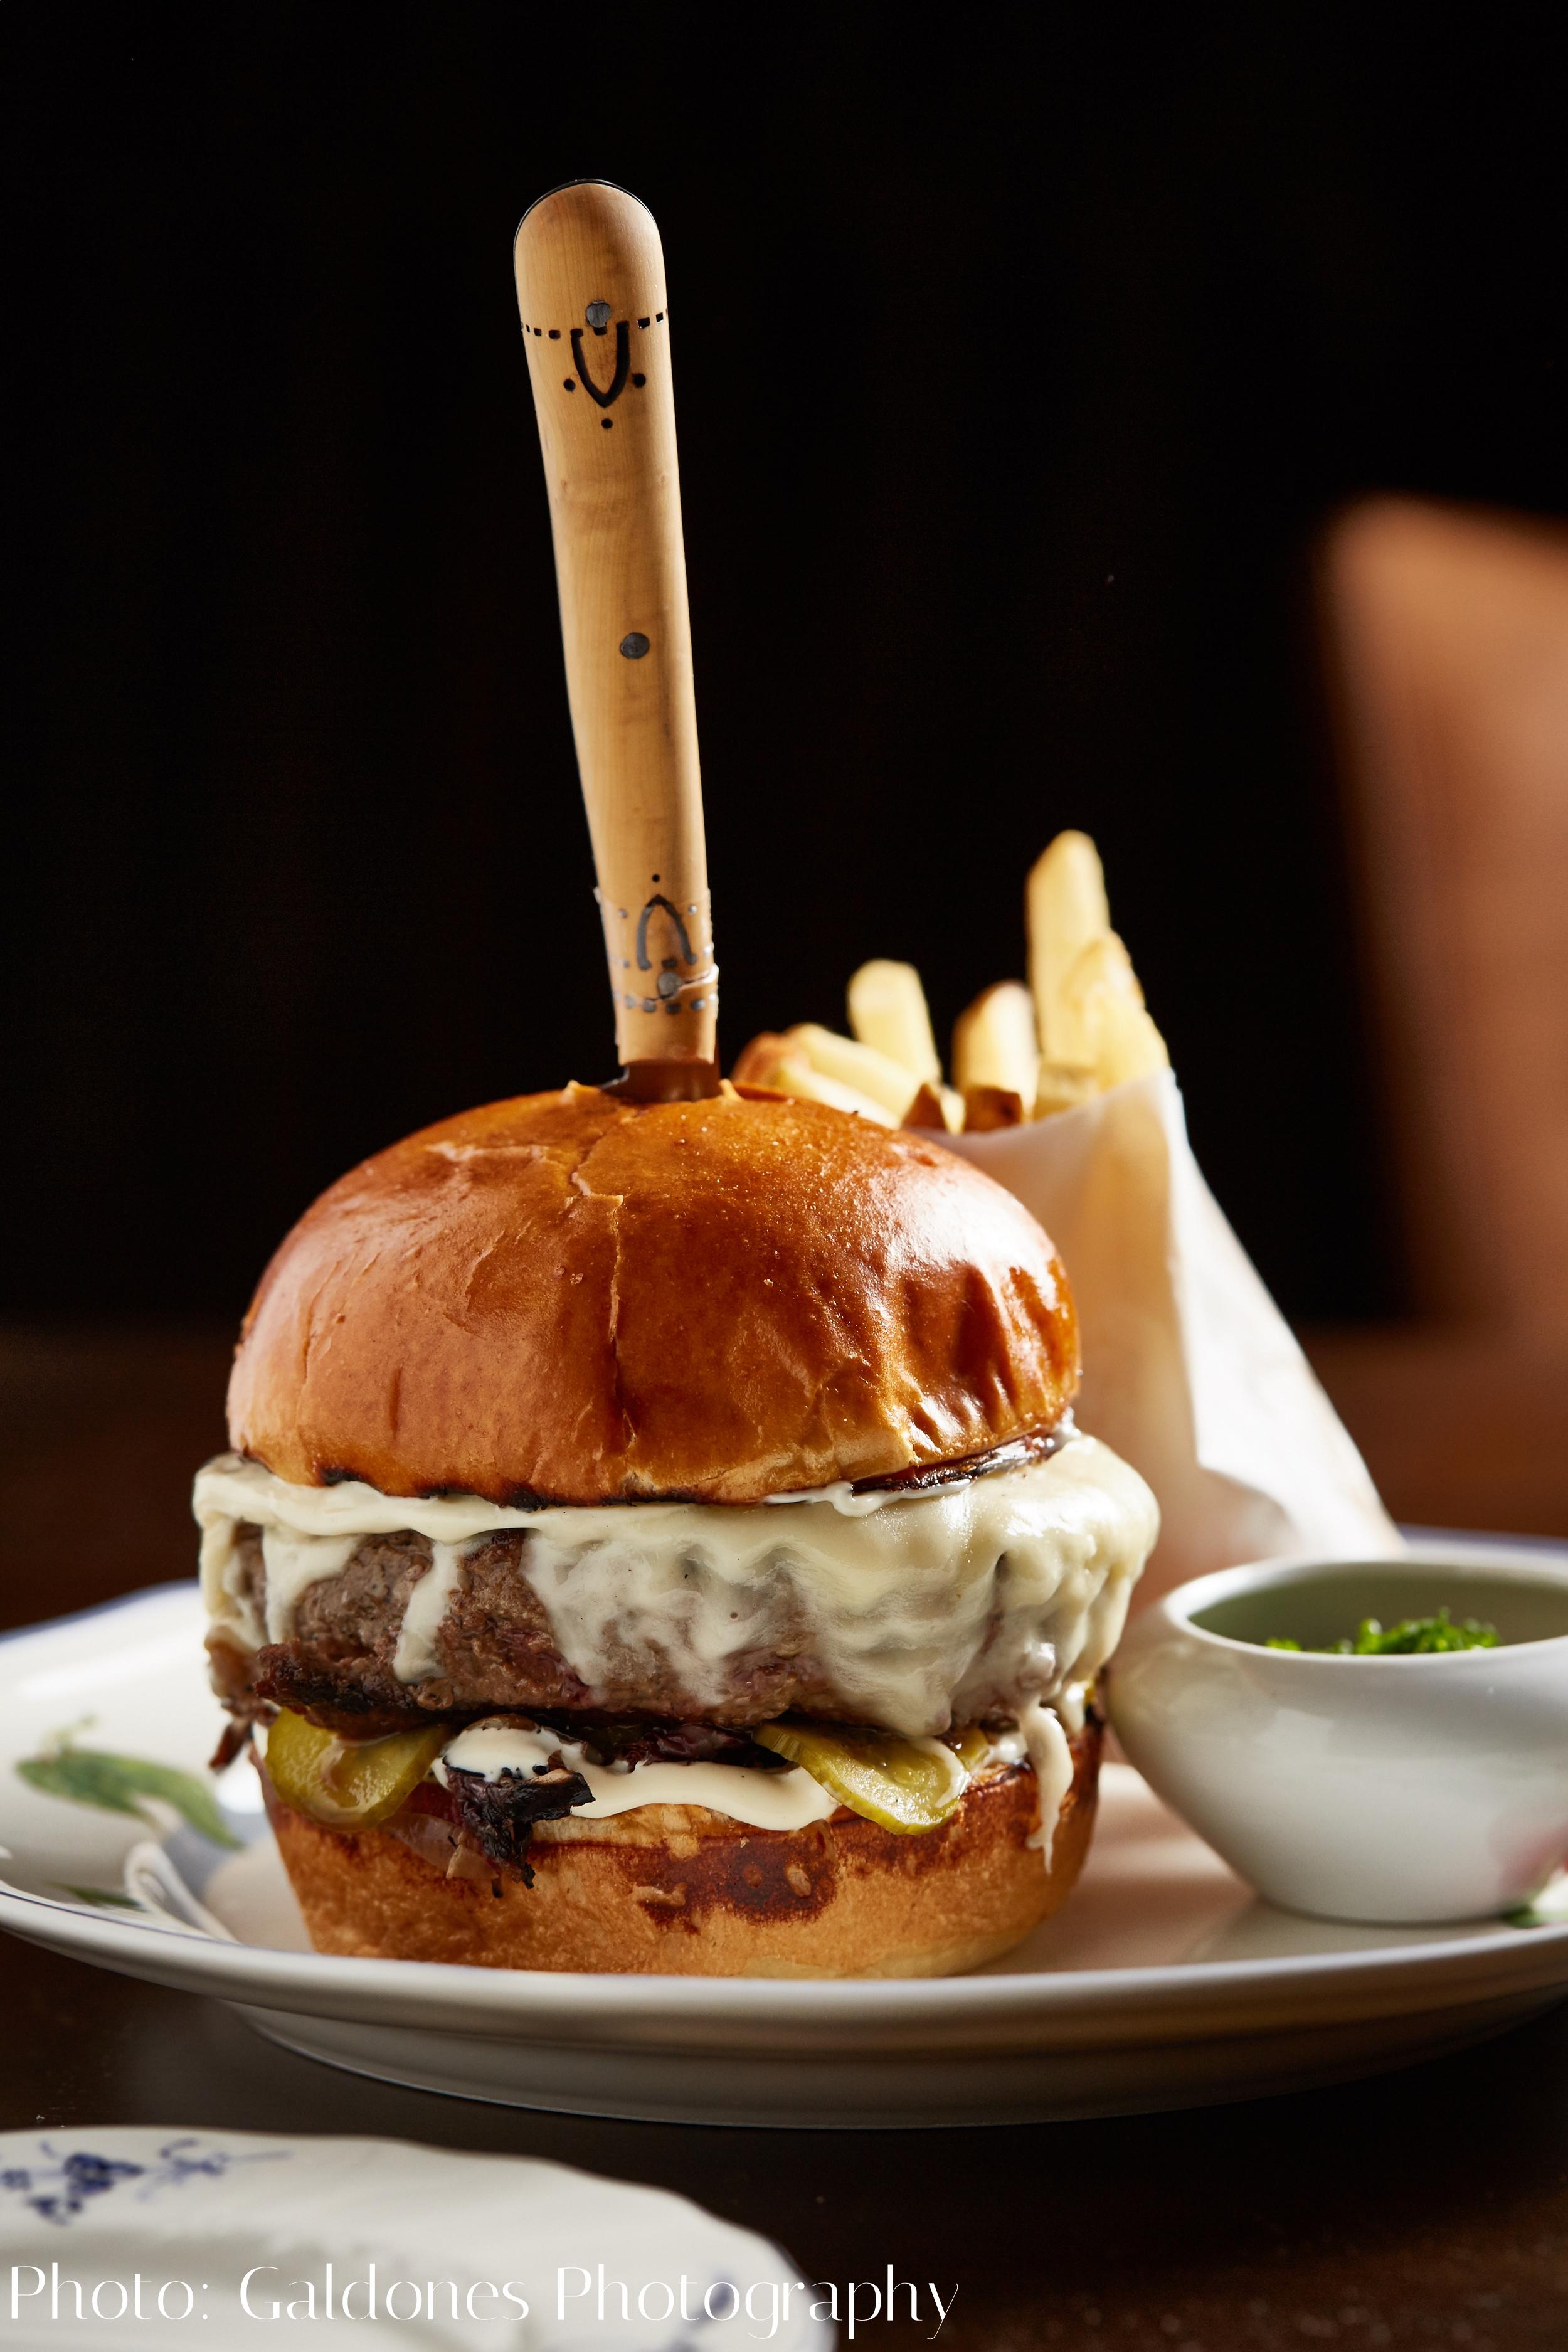 Beacon_Dinner_Burger_051216_HG_2.jpg